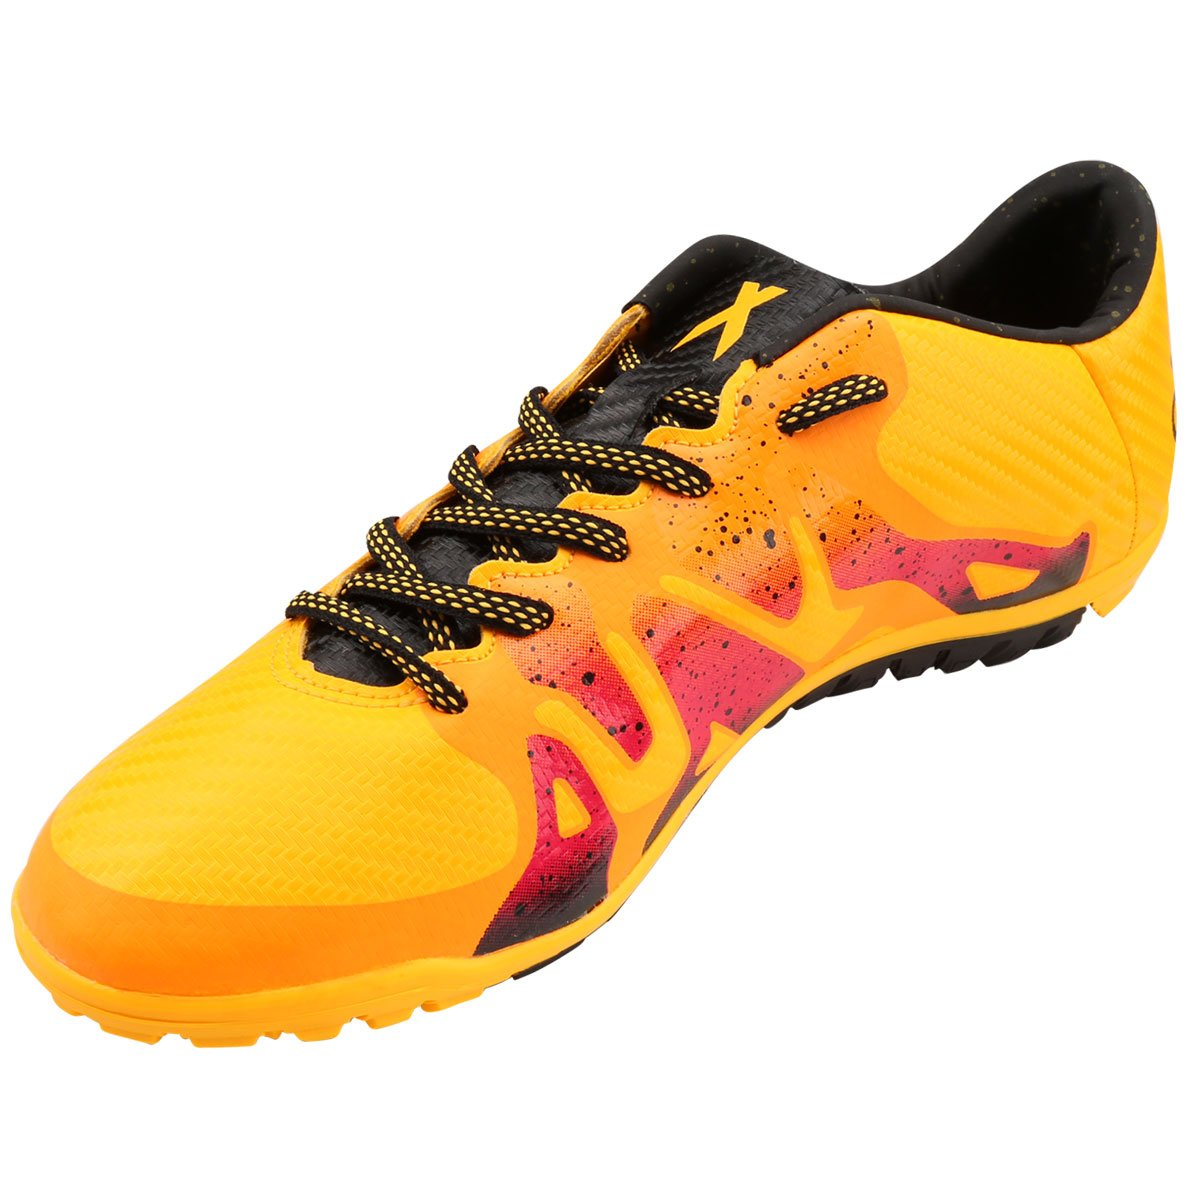 7e44a263c8 Chuteira Society Adidas X 15.3 TF Masculina - Compre Agora